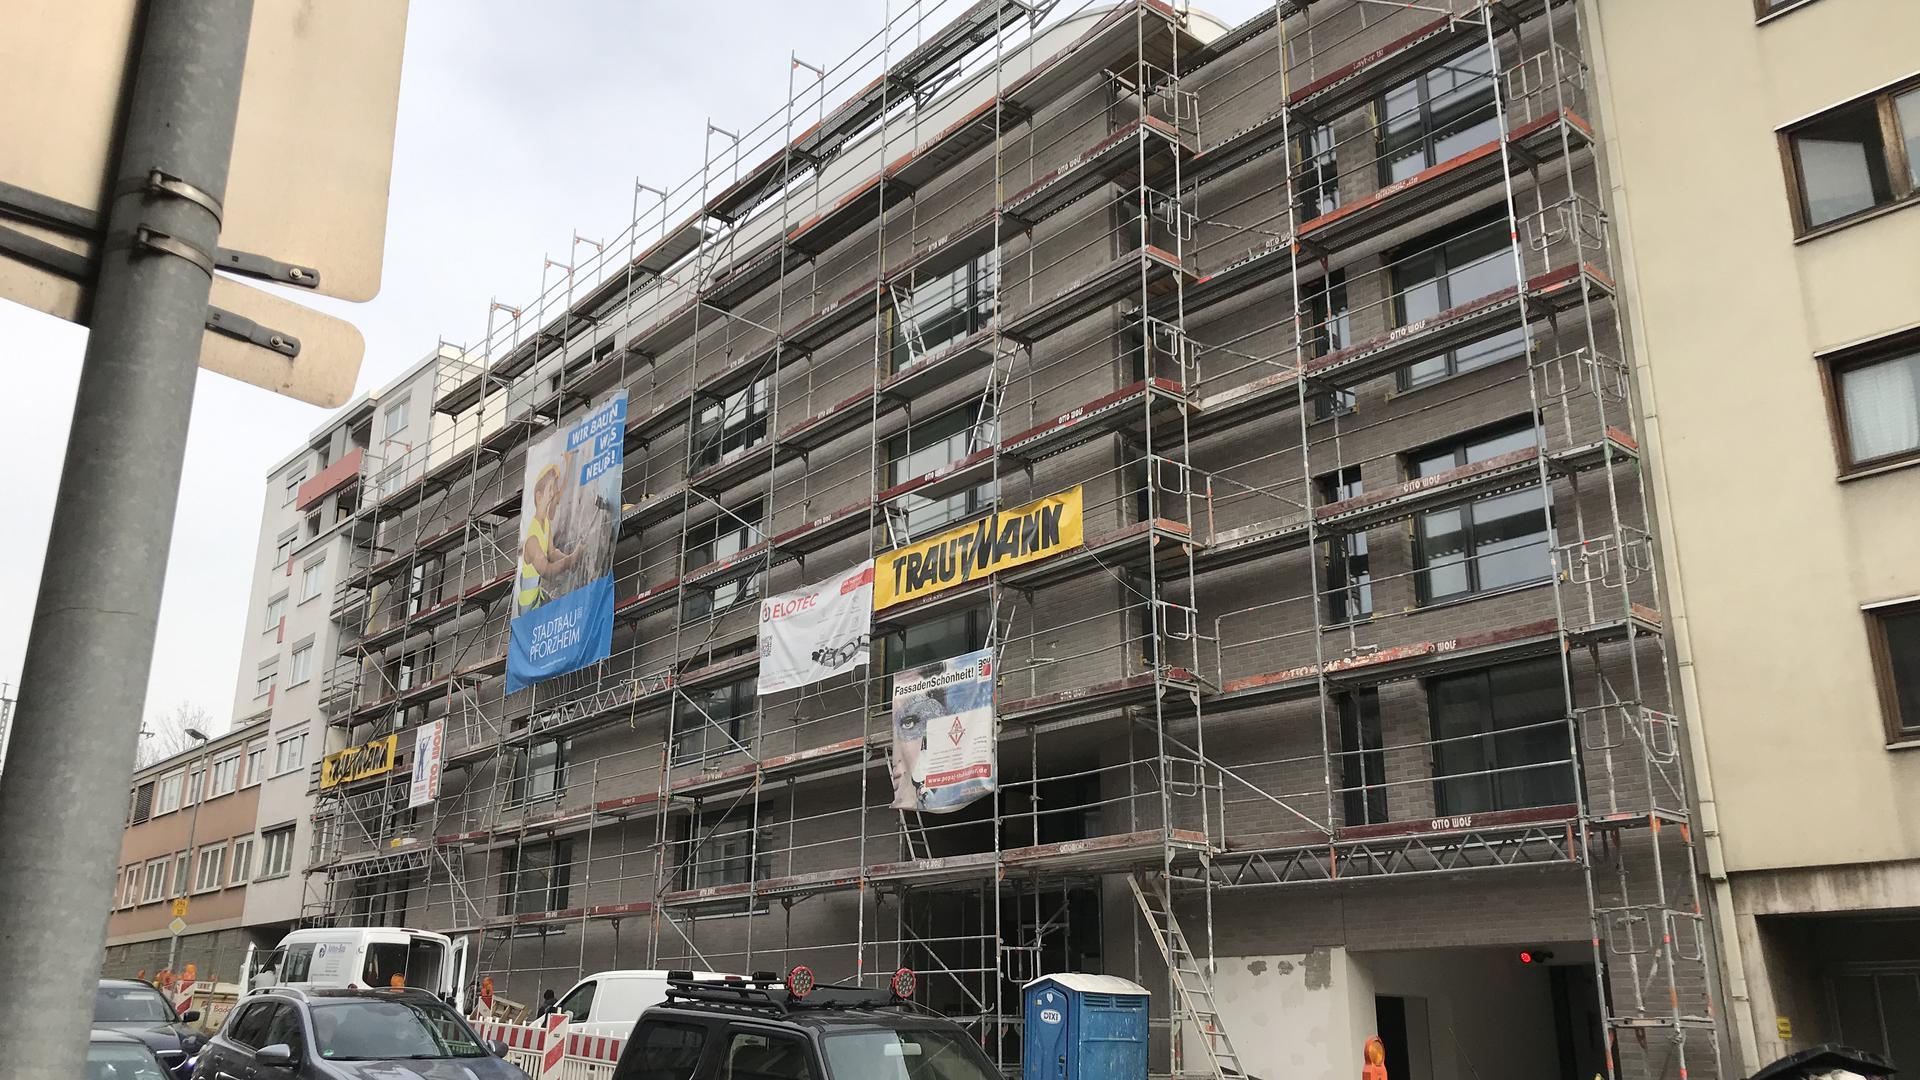 Neubau in der Stadtbaugesellschaft in der Berliner Straße in Pforzheim